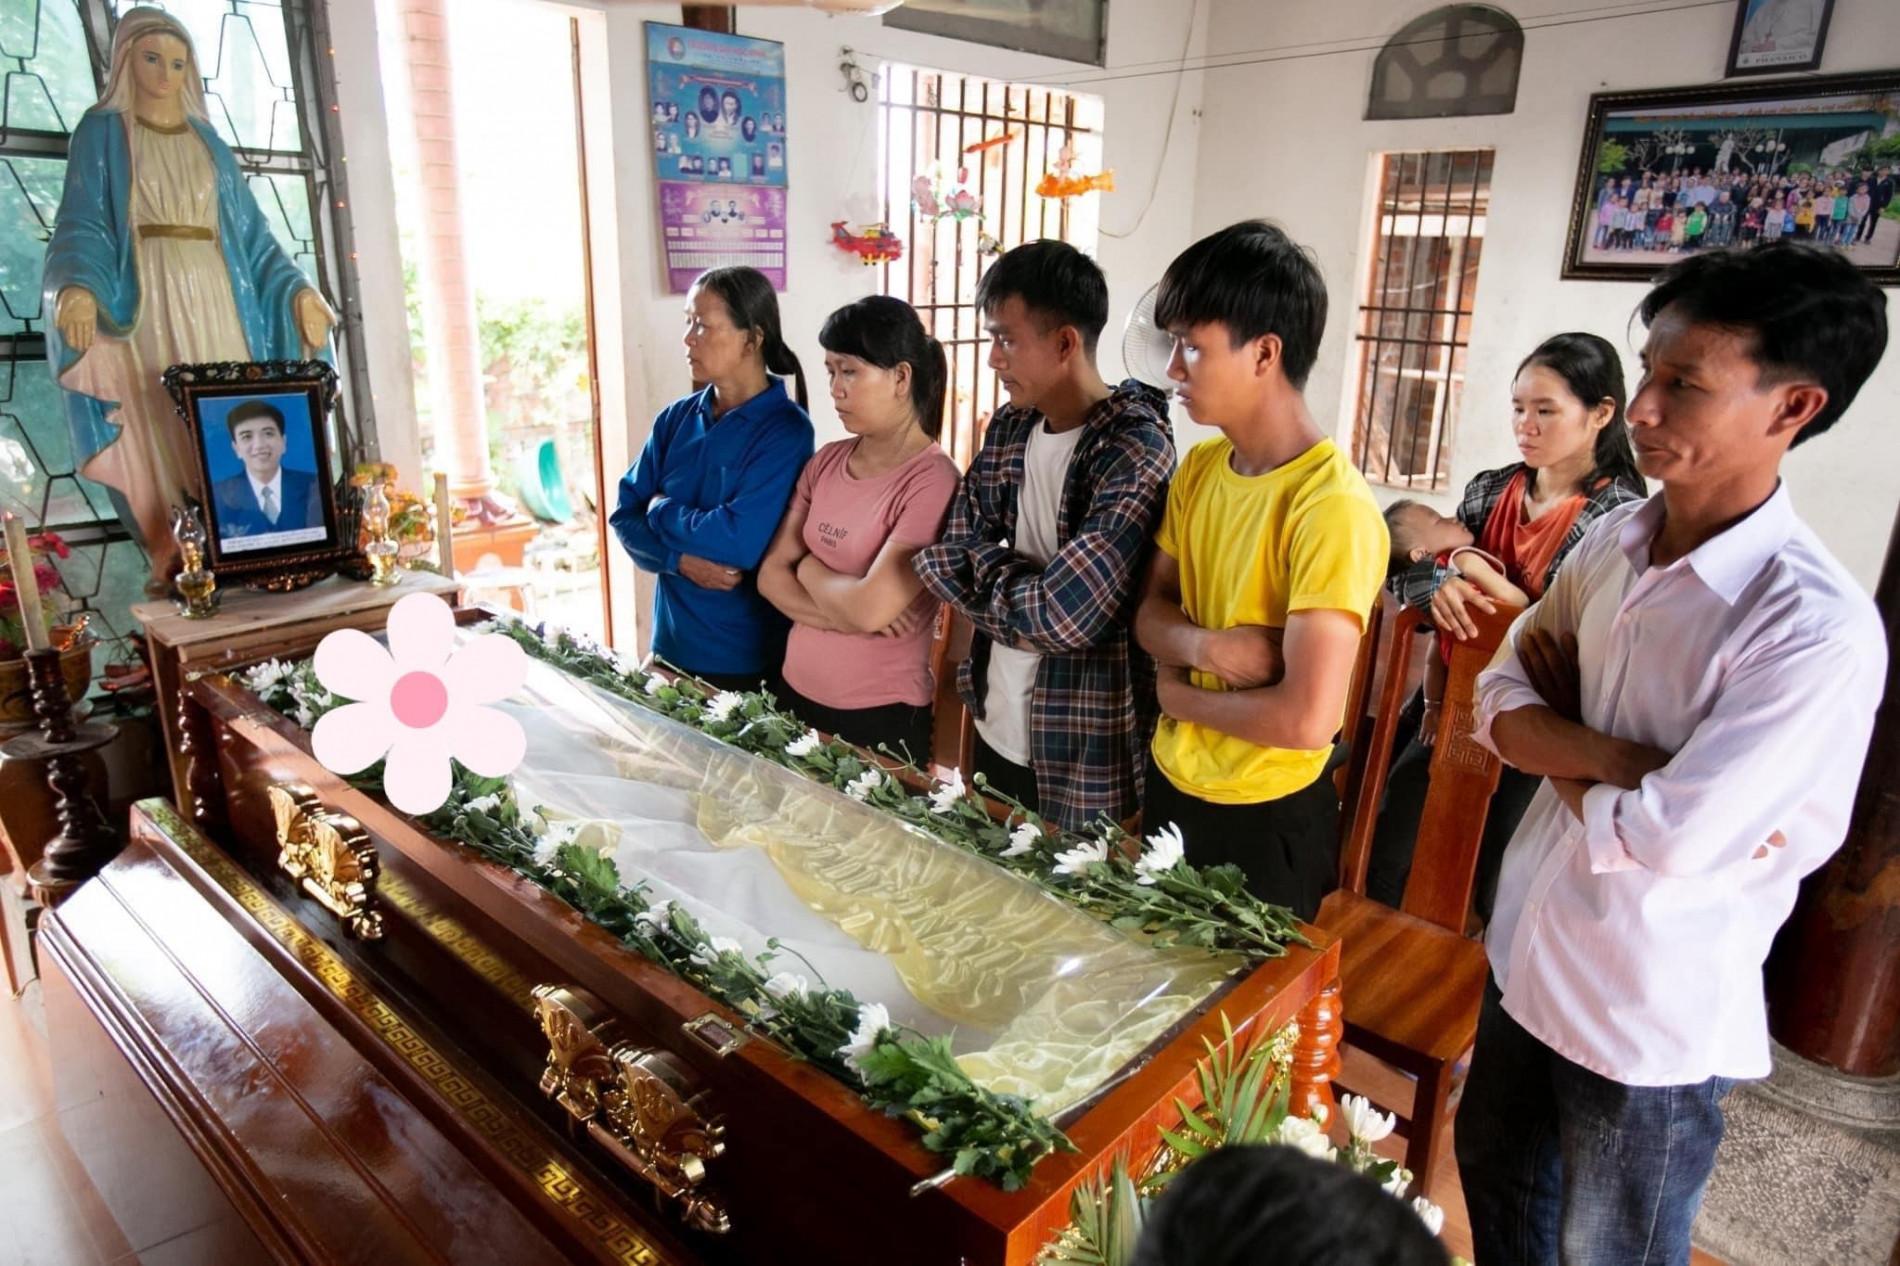 Hoàn cảnh đáng thương của nam sinh viên qua đời khi cứu 4 bạn nữ: Bố tai biến, mẹ đau ốm triền miên, từng mất anh trai vì đuối nước - Ảnh 3.